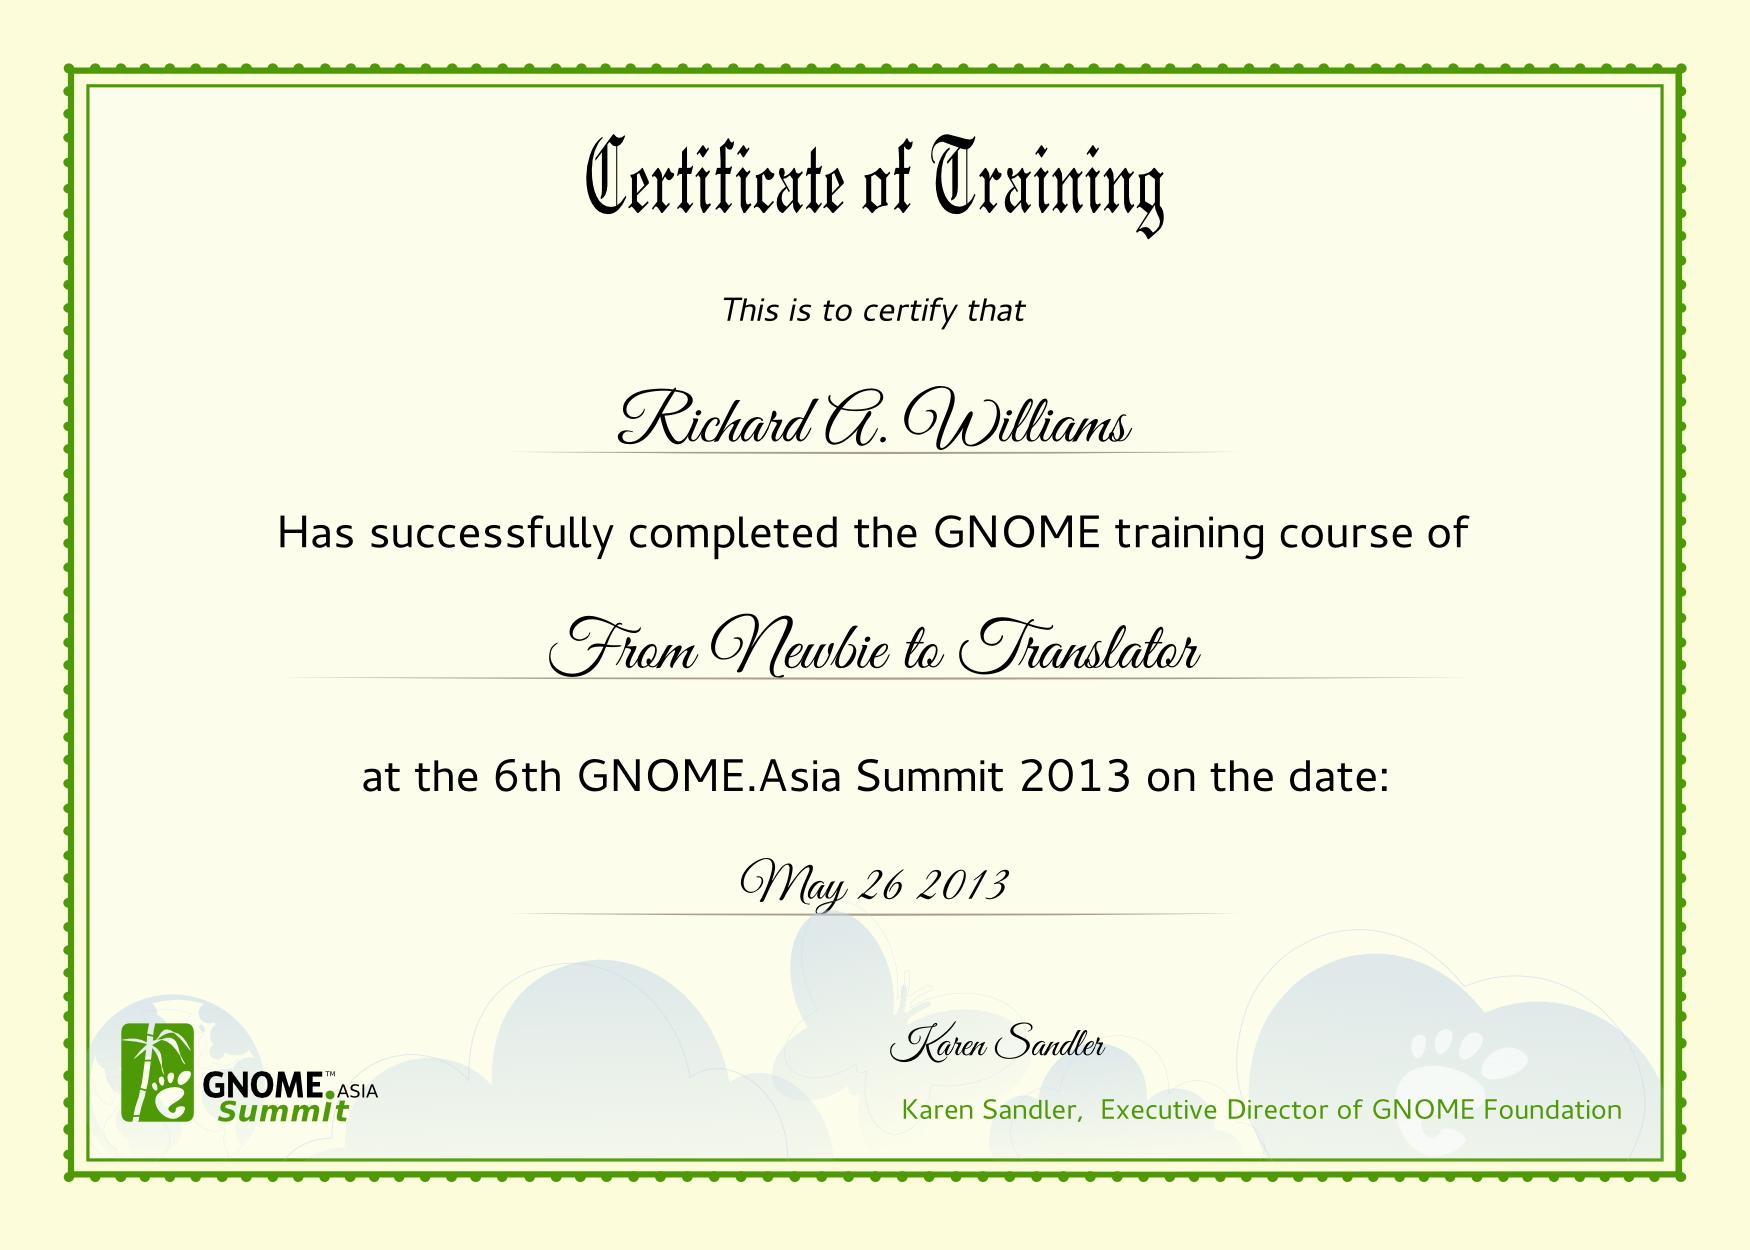 Leadership Award Certificate Template - Atlantaauctionco Throughout Leadership Award Certificate Template